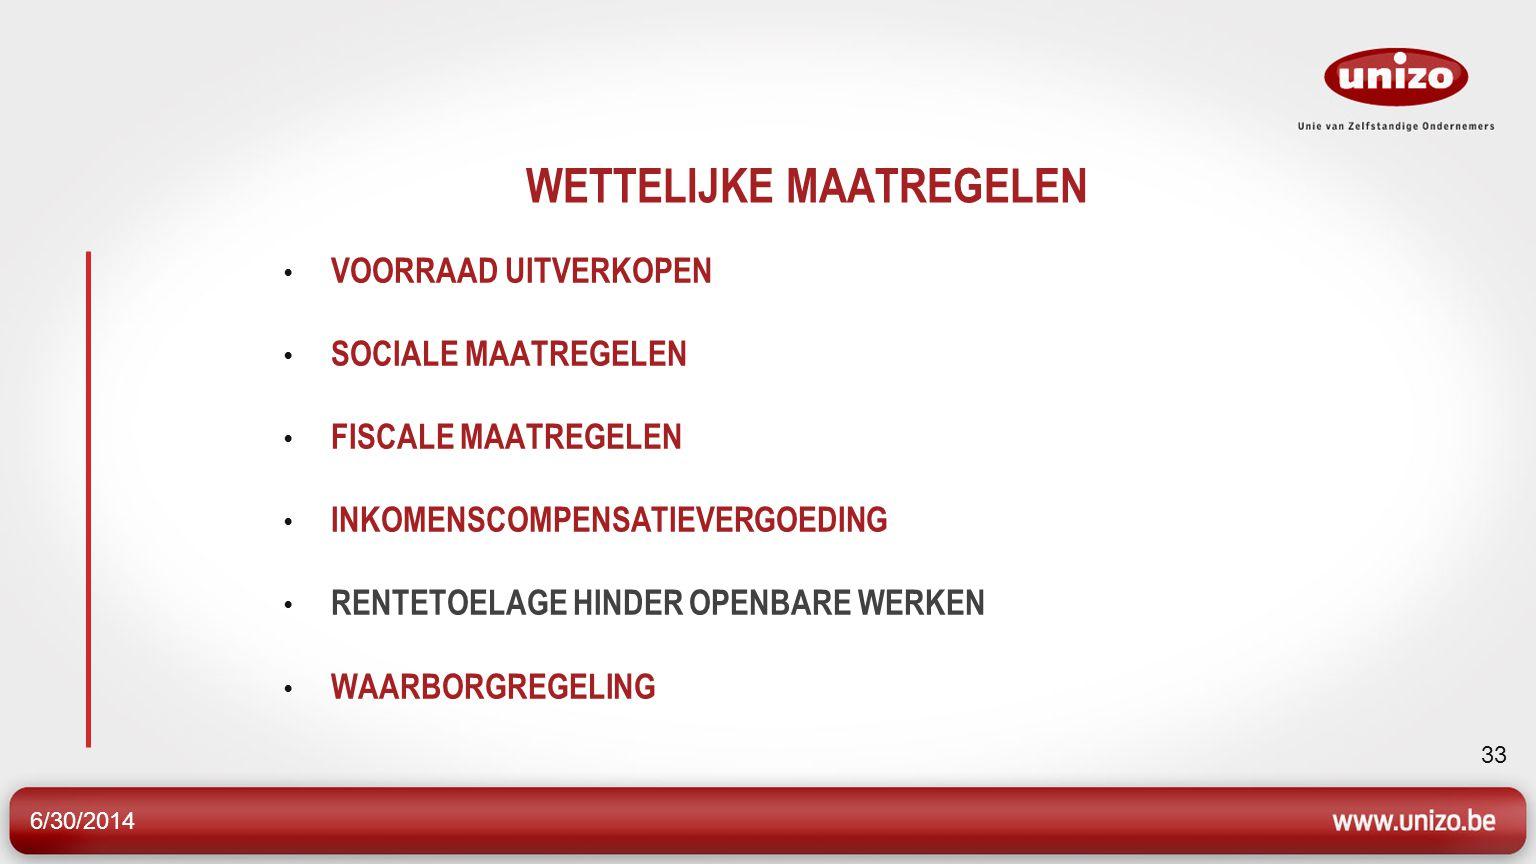 6/30/2014 33 WETTELIJKE MAATREGELEN • VOORRAAD UITVERKOPEN • SOCIALE MAATREGELEN • FISCALE MAATREGELEN • INKOMENSCOMPENSATIEVERGOEDING • RENTETOELAGE HINDER OPENBARE WERKEN • WAARBORGREGELING